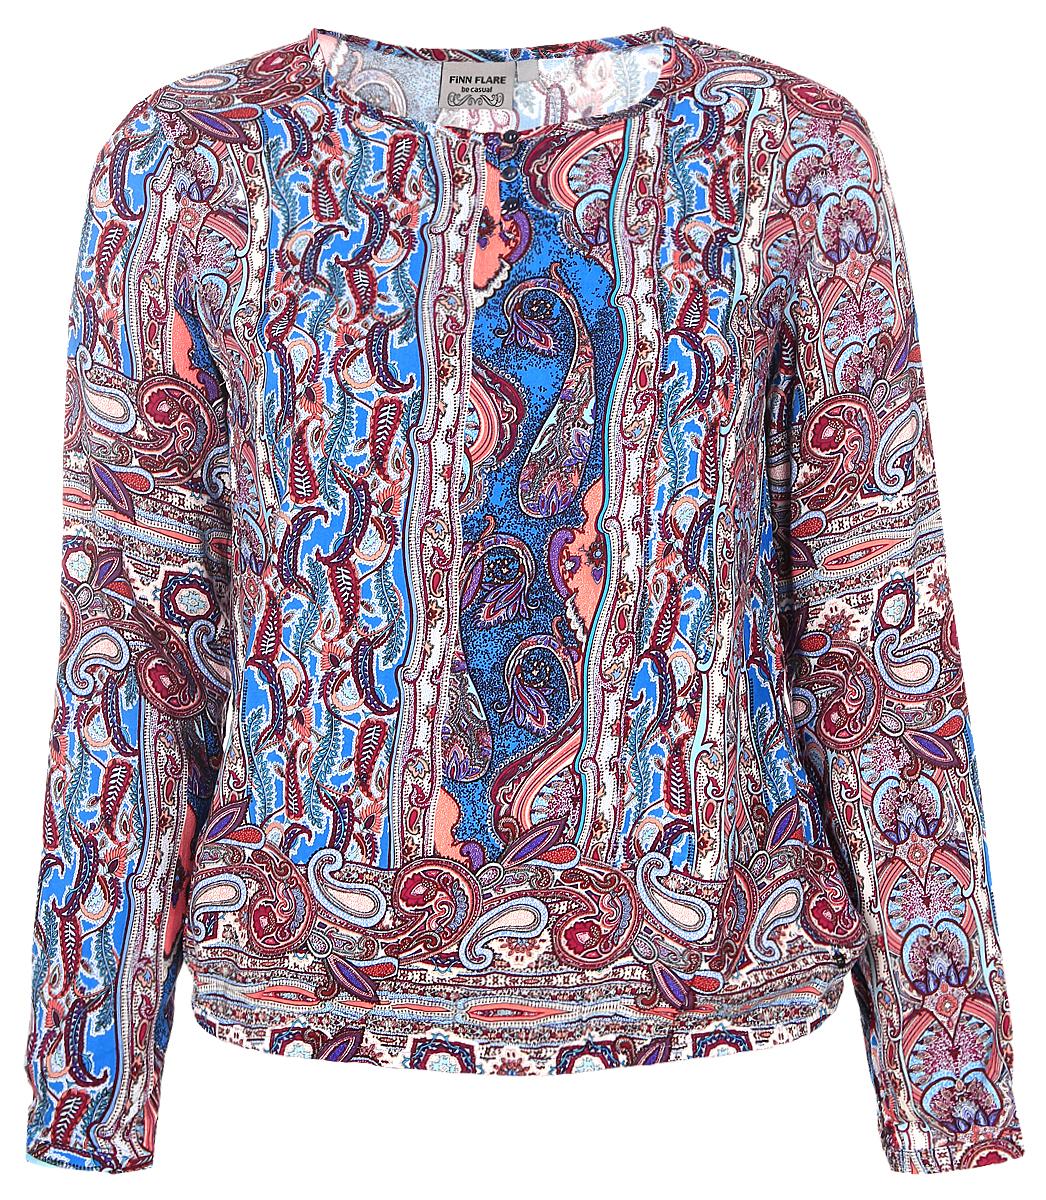 БлузкаB17-12044_618Женская блуза Finn Flare с длинными рукавами и круглым вырезом горловины выполнена из натуральной вискозы. Блузка имеет свободный крой и застегивается на три пуговицы на груди. Манжеты рукавов также застегиваются на пуговицы. Низ блузки дополнен эластичной резинкой. Изделие оформлено ярким этническим принтом.